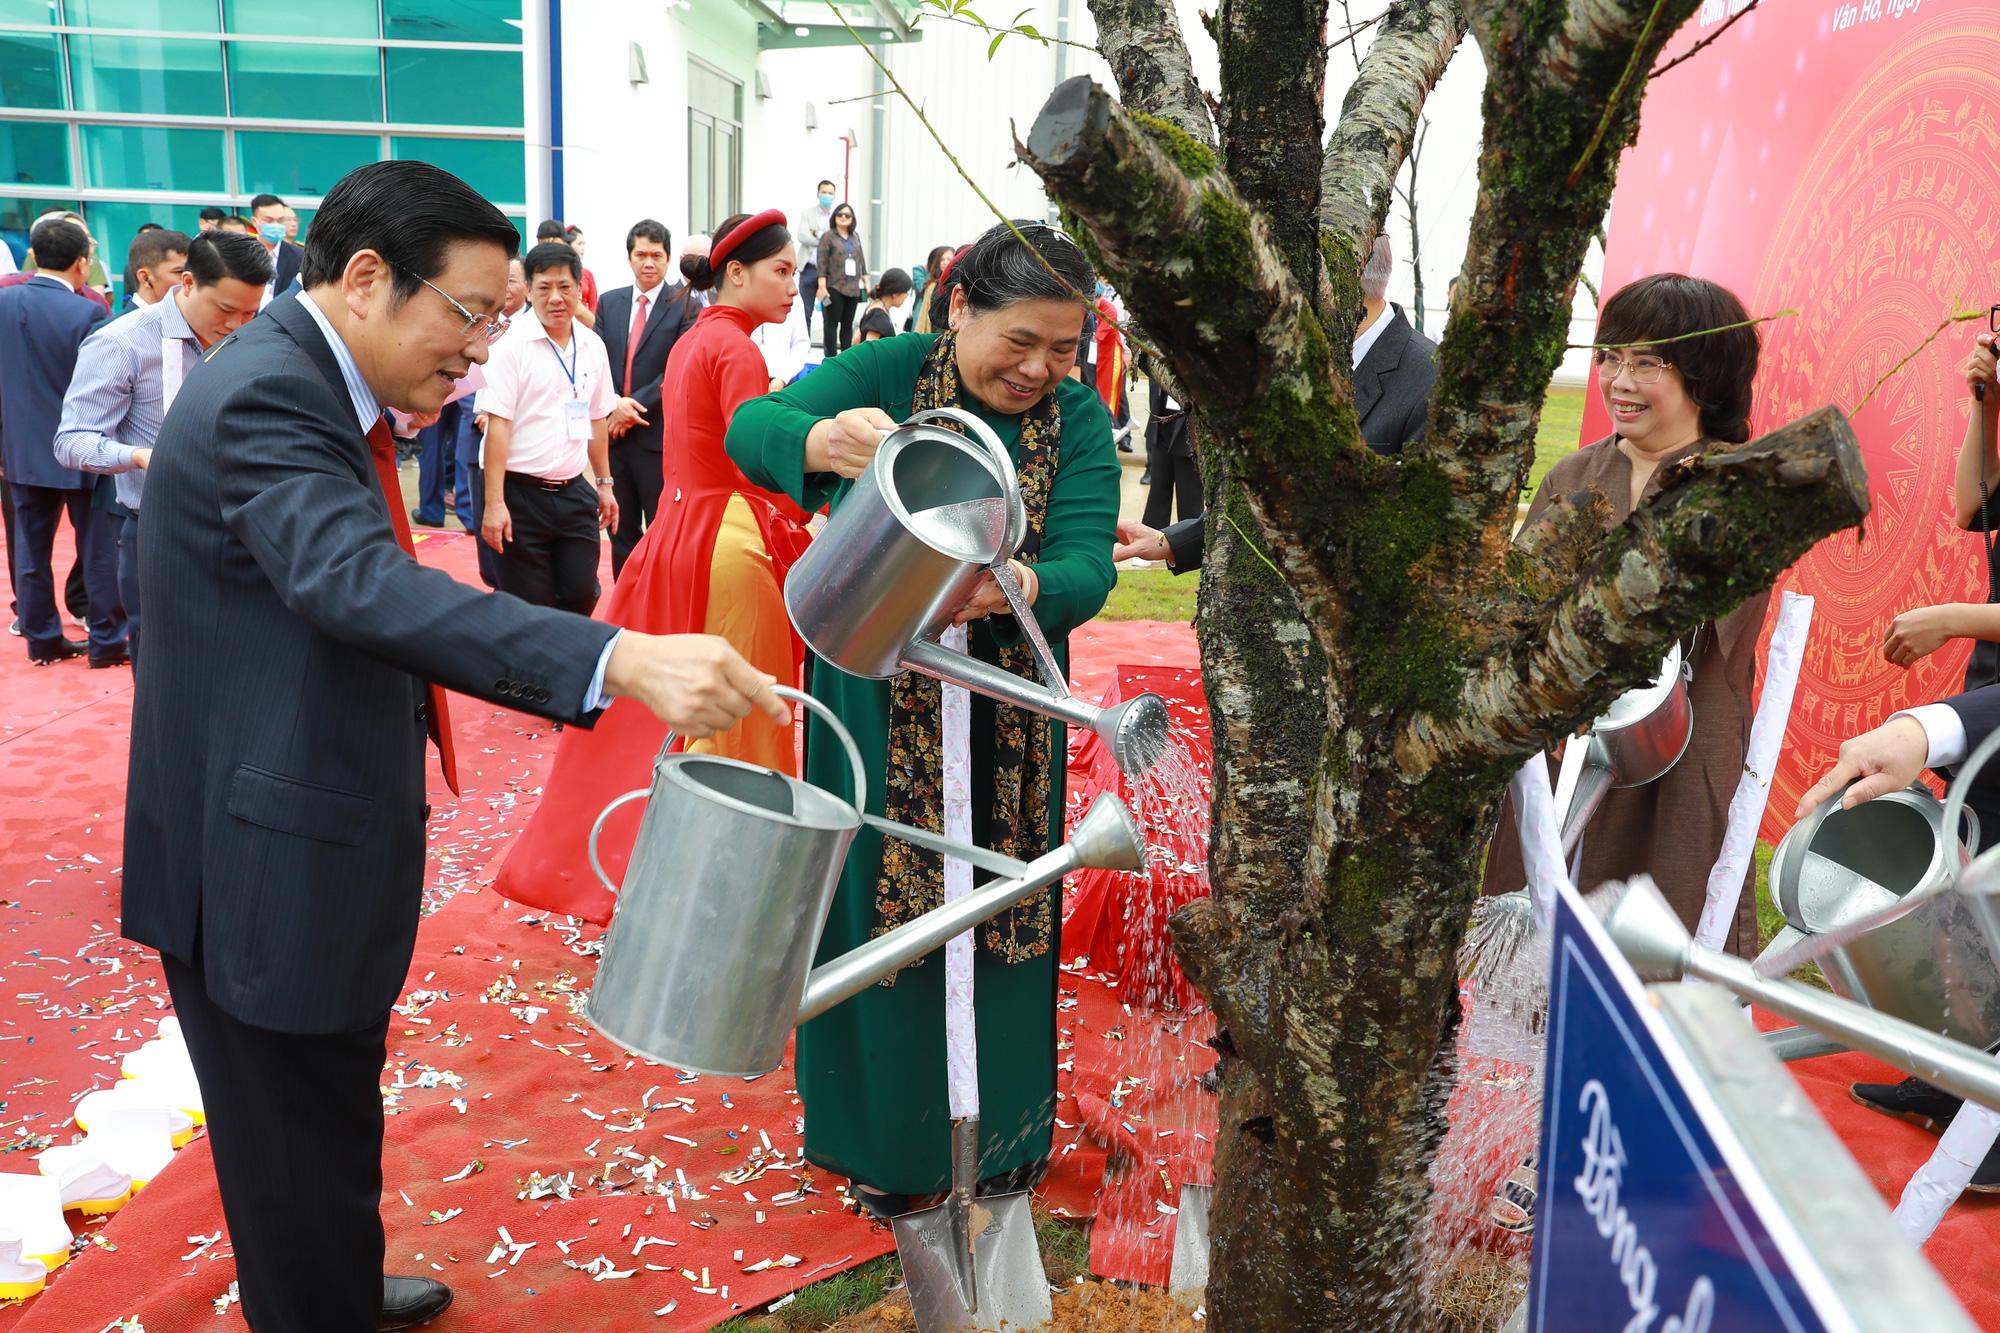 Phó Chủ tịch Thường trực Quốc hội: Có nhà máy chế biến, nông dân Sơn La không lo được mùa mất giá - Ảnh 4.